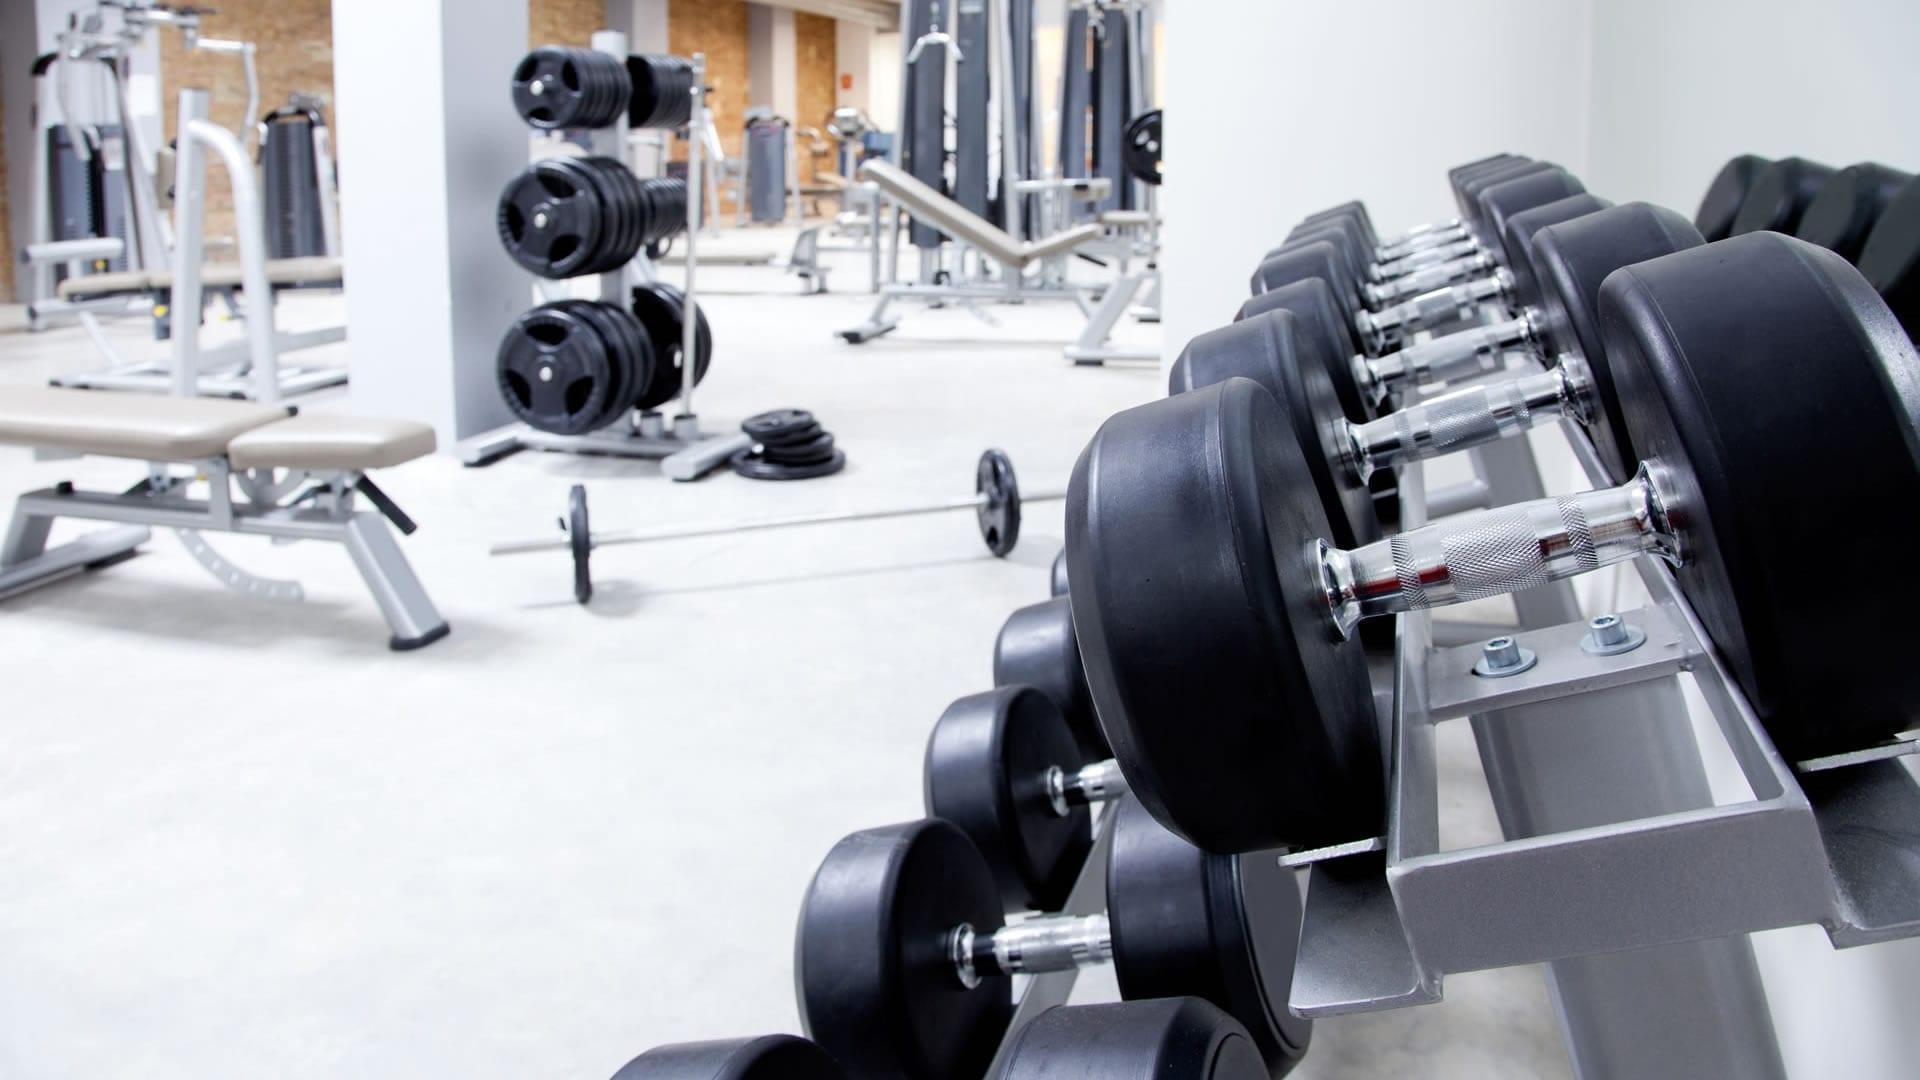 Los instrumentos del gimnasio cambiatufisico for Aparatos gimnasio